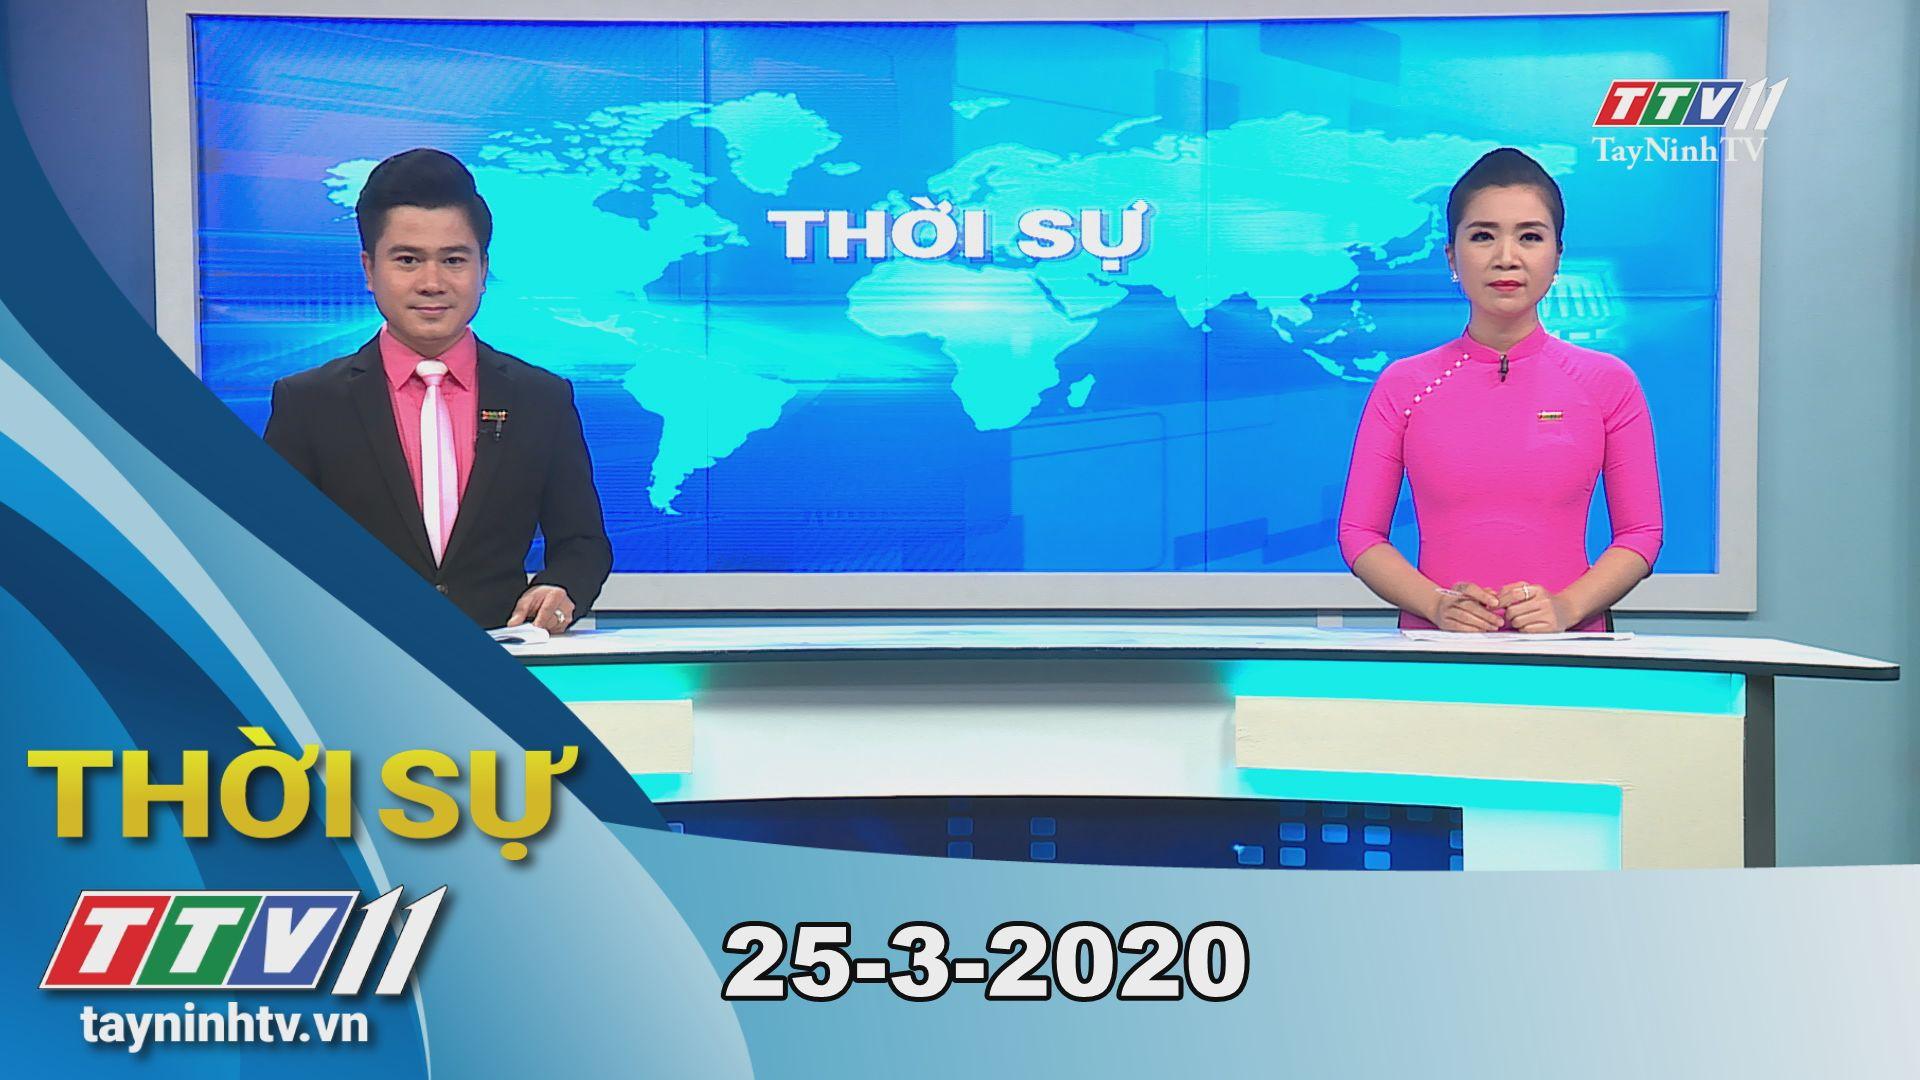 Thời sự Tây Ninh 25-3-2020 | Tin tức hôm nay | TayNinhTV